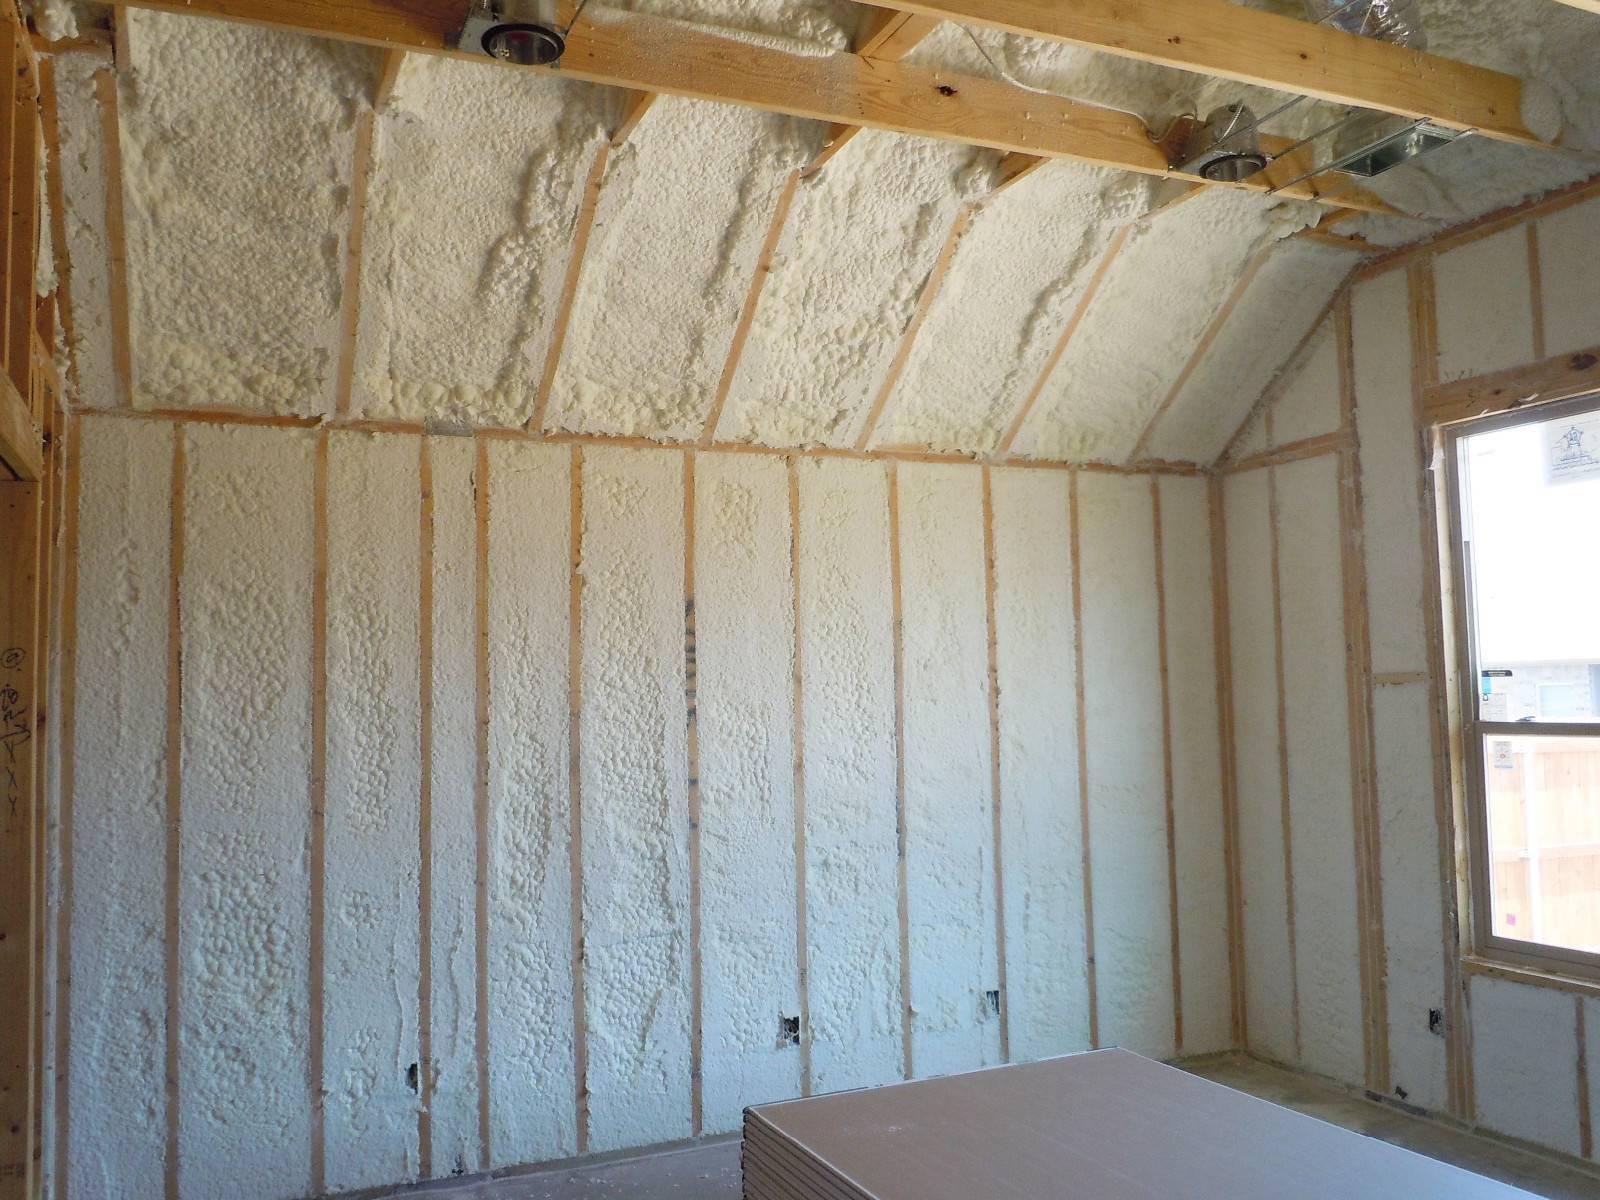 Обшивка и утепление стен гипсокартоном, утепляет ли гипсокартон стену?